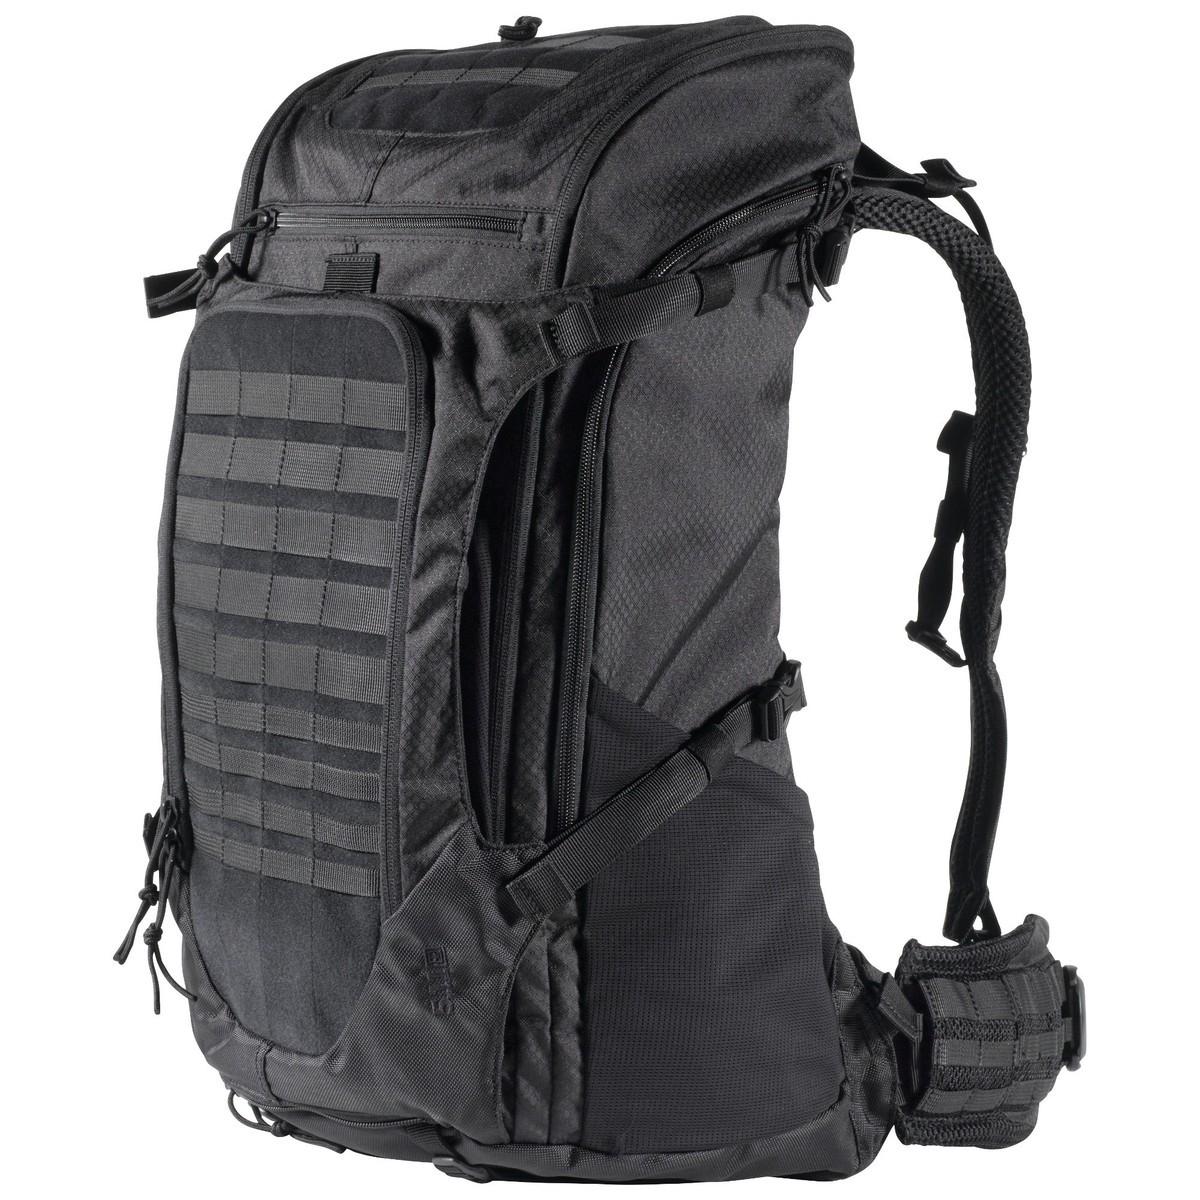 Mochila Ignitor Backpack 26L - 5.11